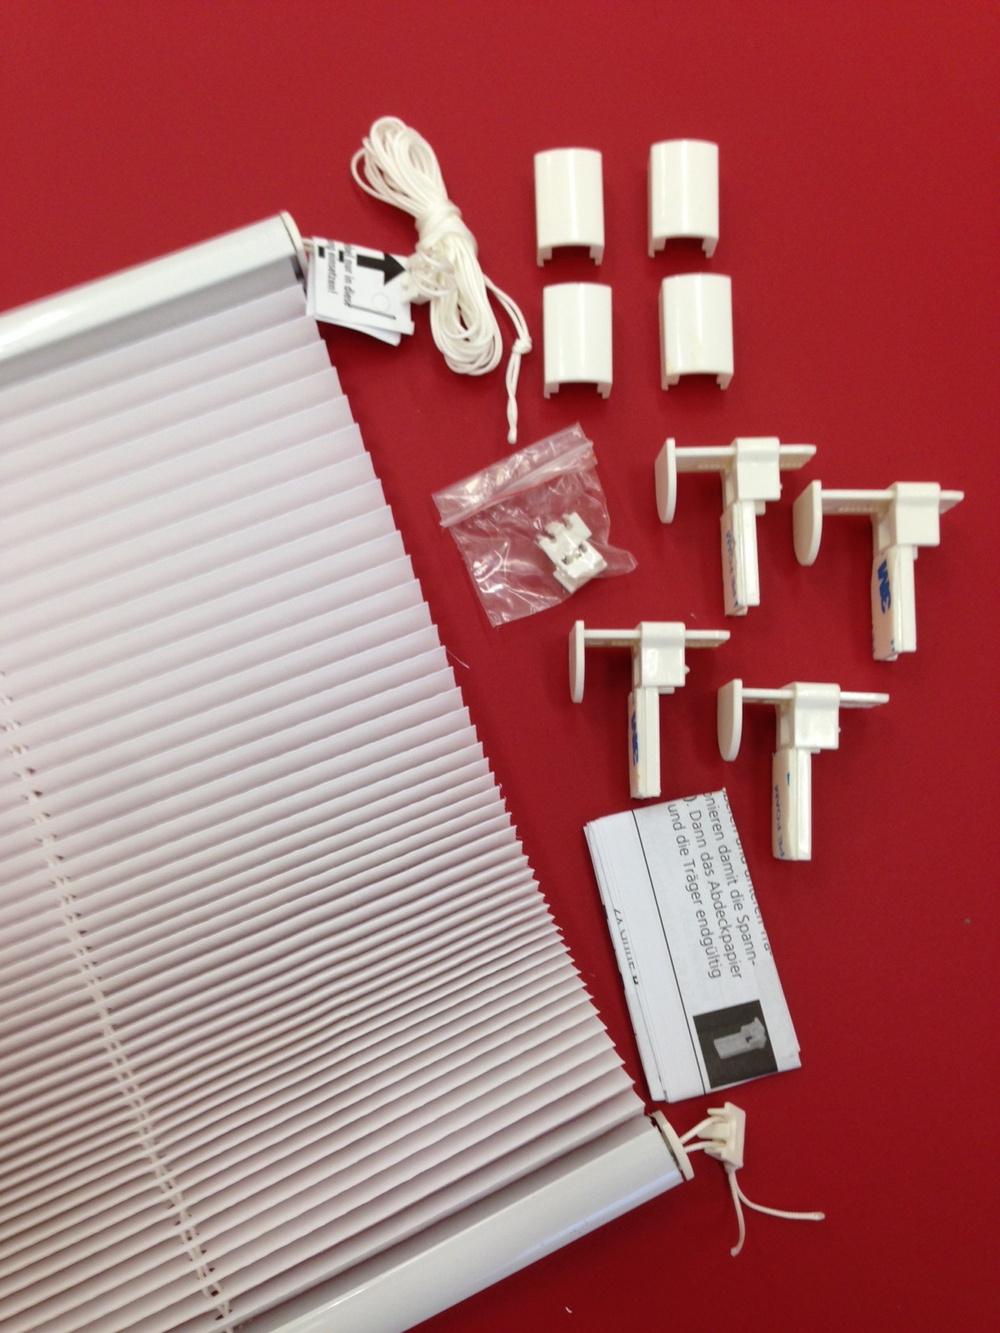 klemmfix plissee mit klemmtr ger rollo verspannt f r fenster t r wei creme grau ebay. Black Bedroom Furniture Sets. Home Design Ideas